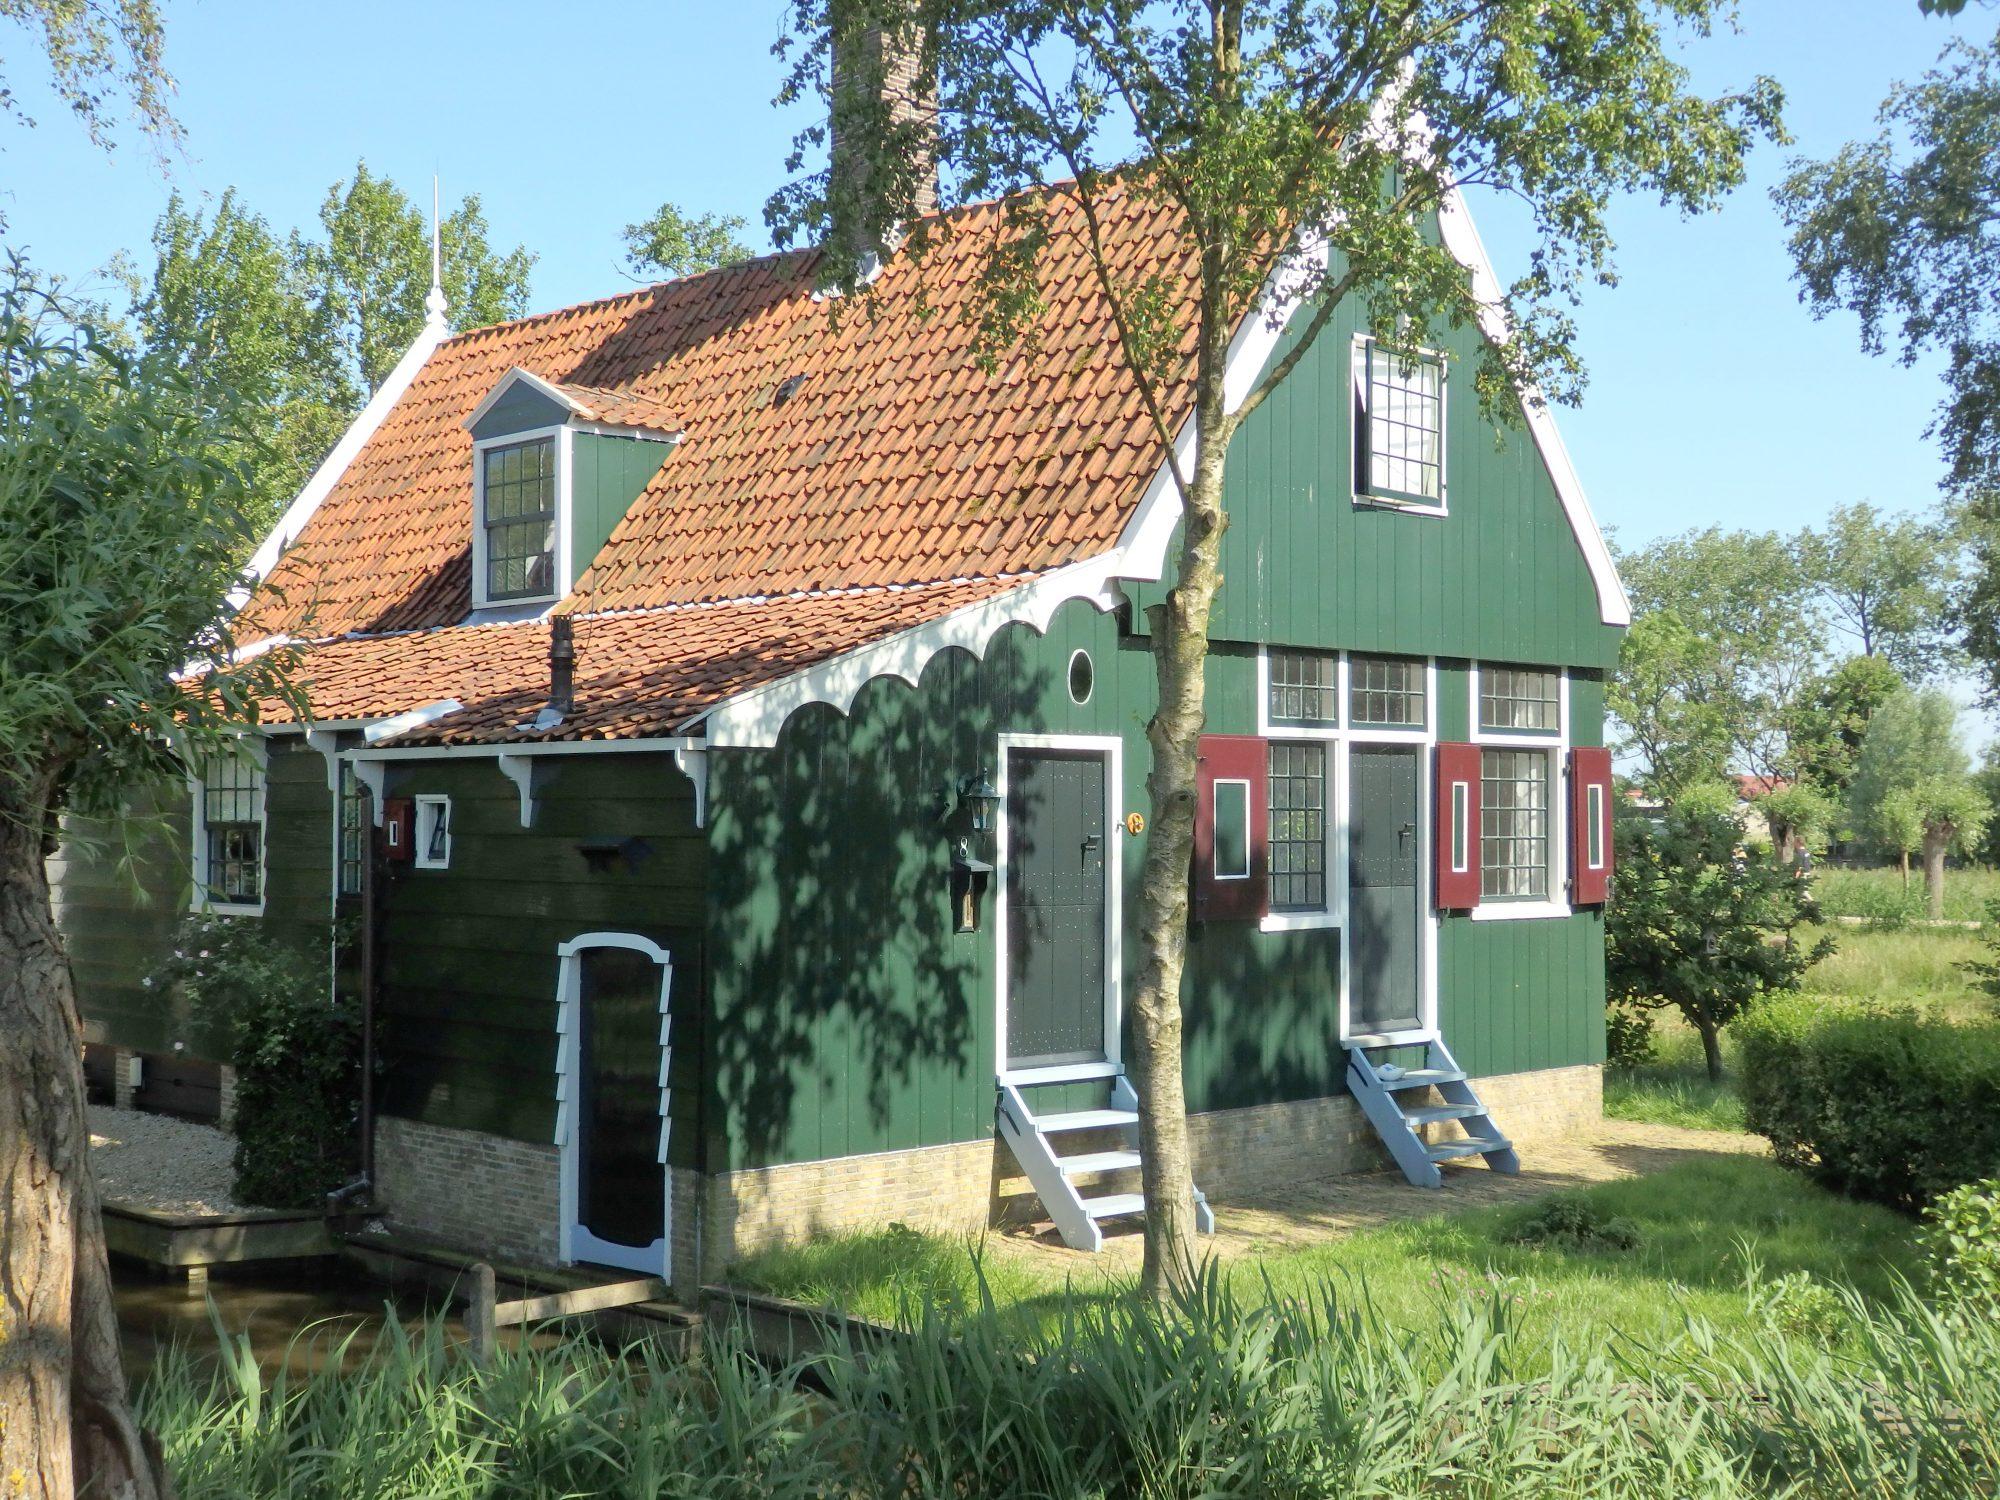 a pretty wooden house at Zaanse Schans